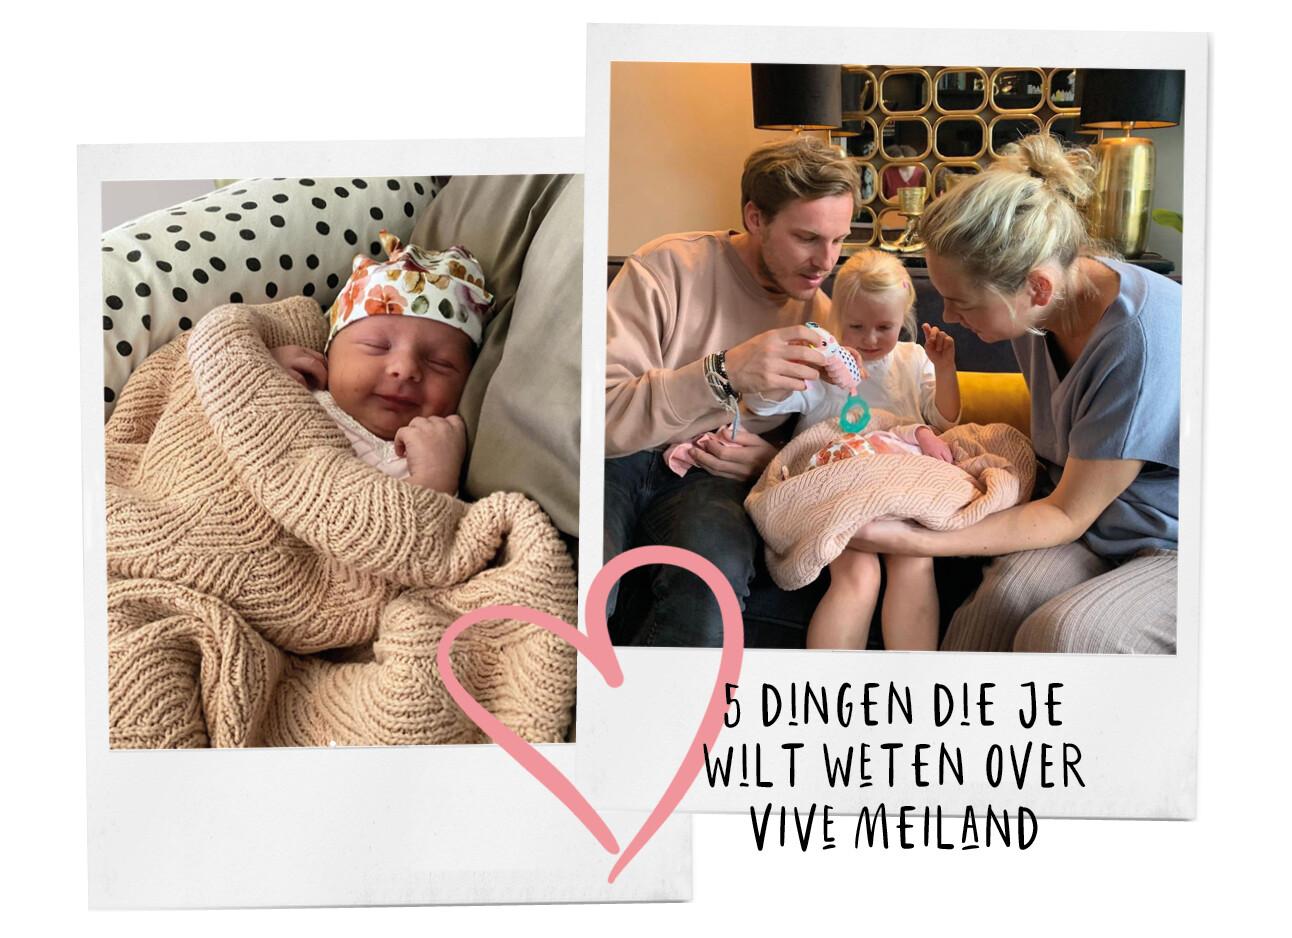 Maxime Meiland is bevallen van Vivé